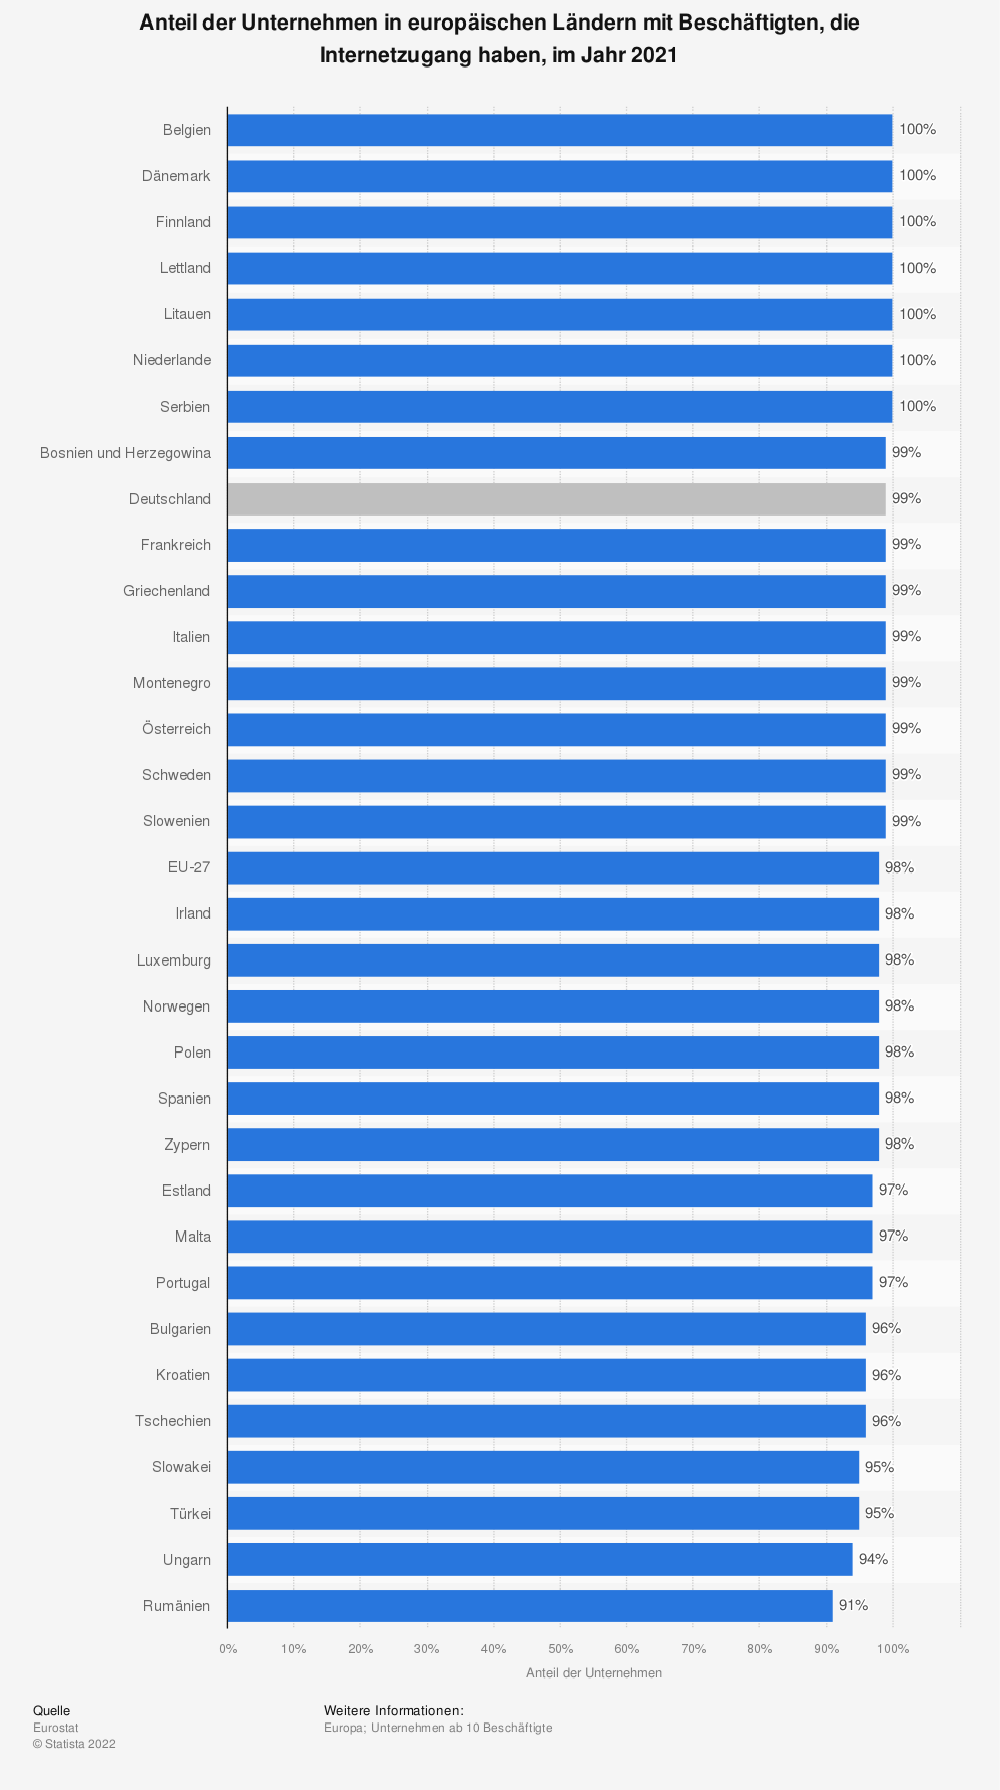 Statistik: Anteil der Unternehmen mit Internetzugang in europäischen Ländern im Jahr 2017 | Statista